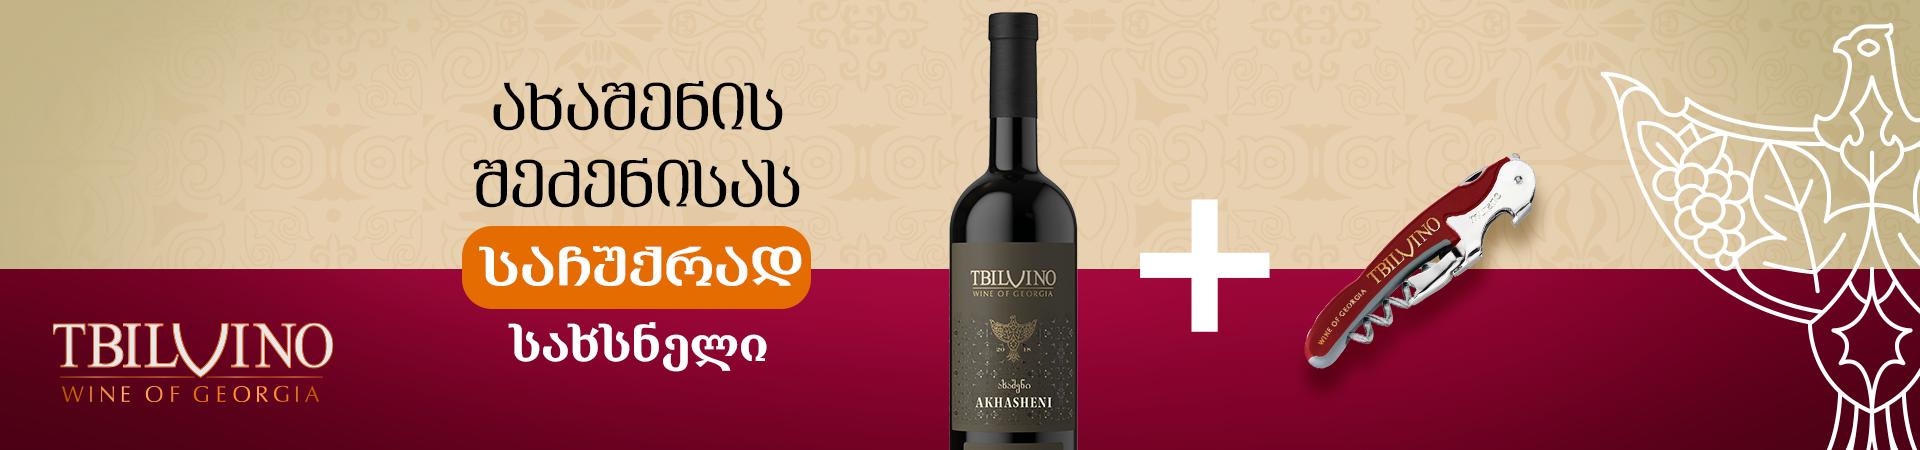 Tbilvino-Axasheni-+-Wine-opener-1920X450-GEO